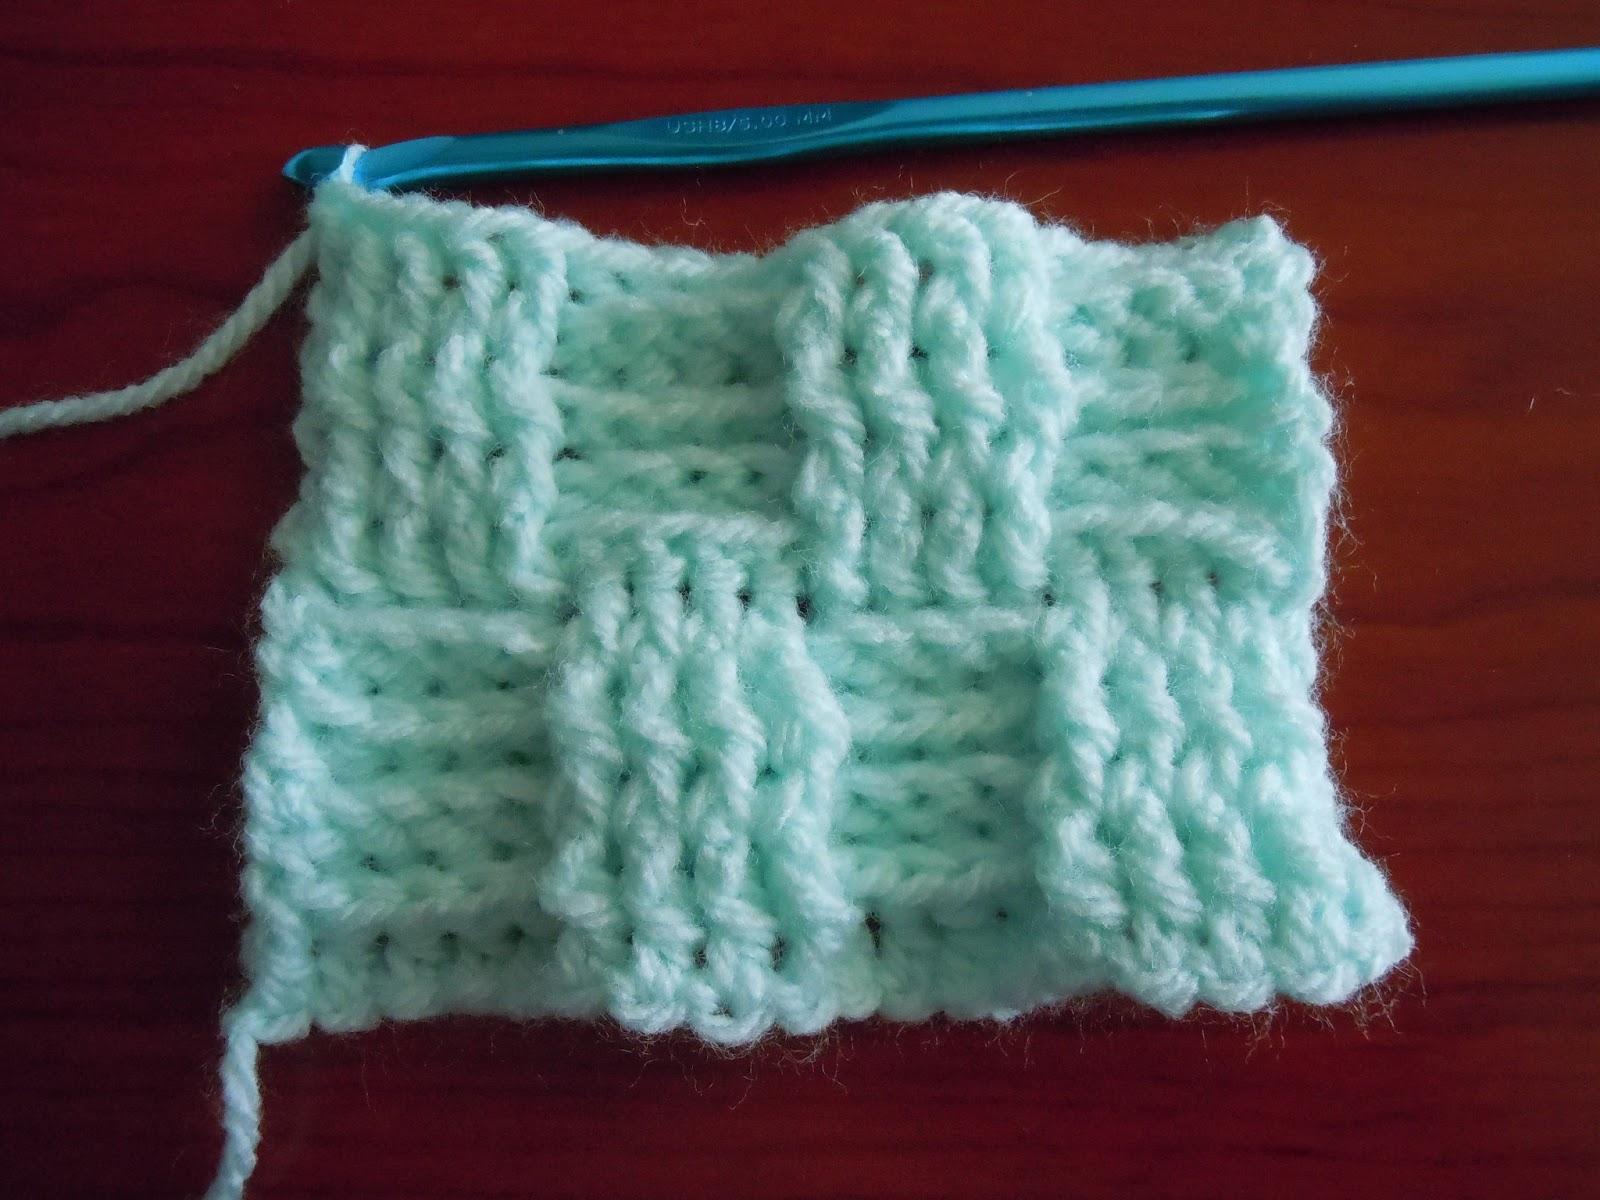 Basket Weave Tutorial Crochet : Illuminate crochet special edition basketweave tutorial